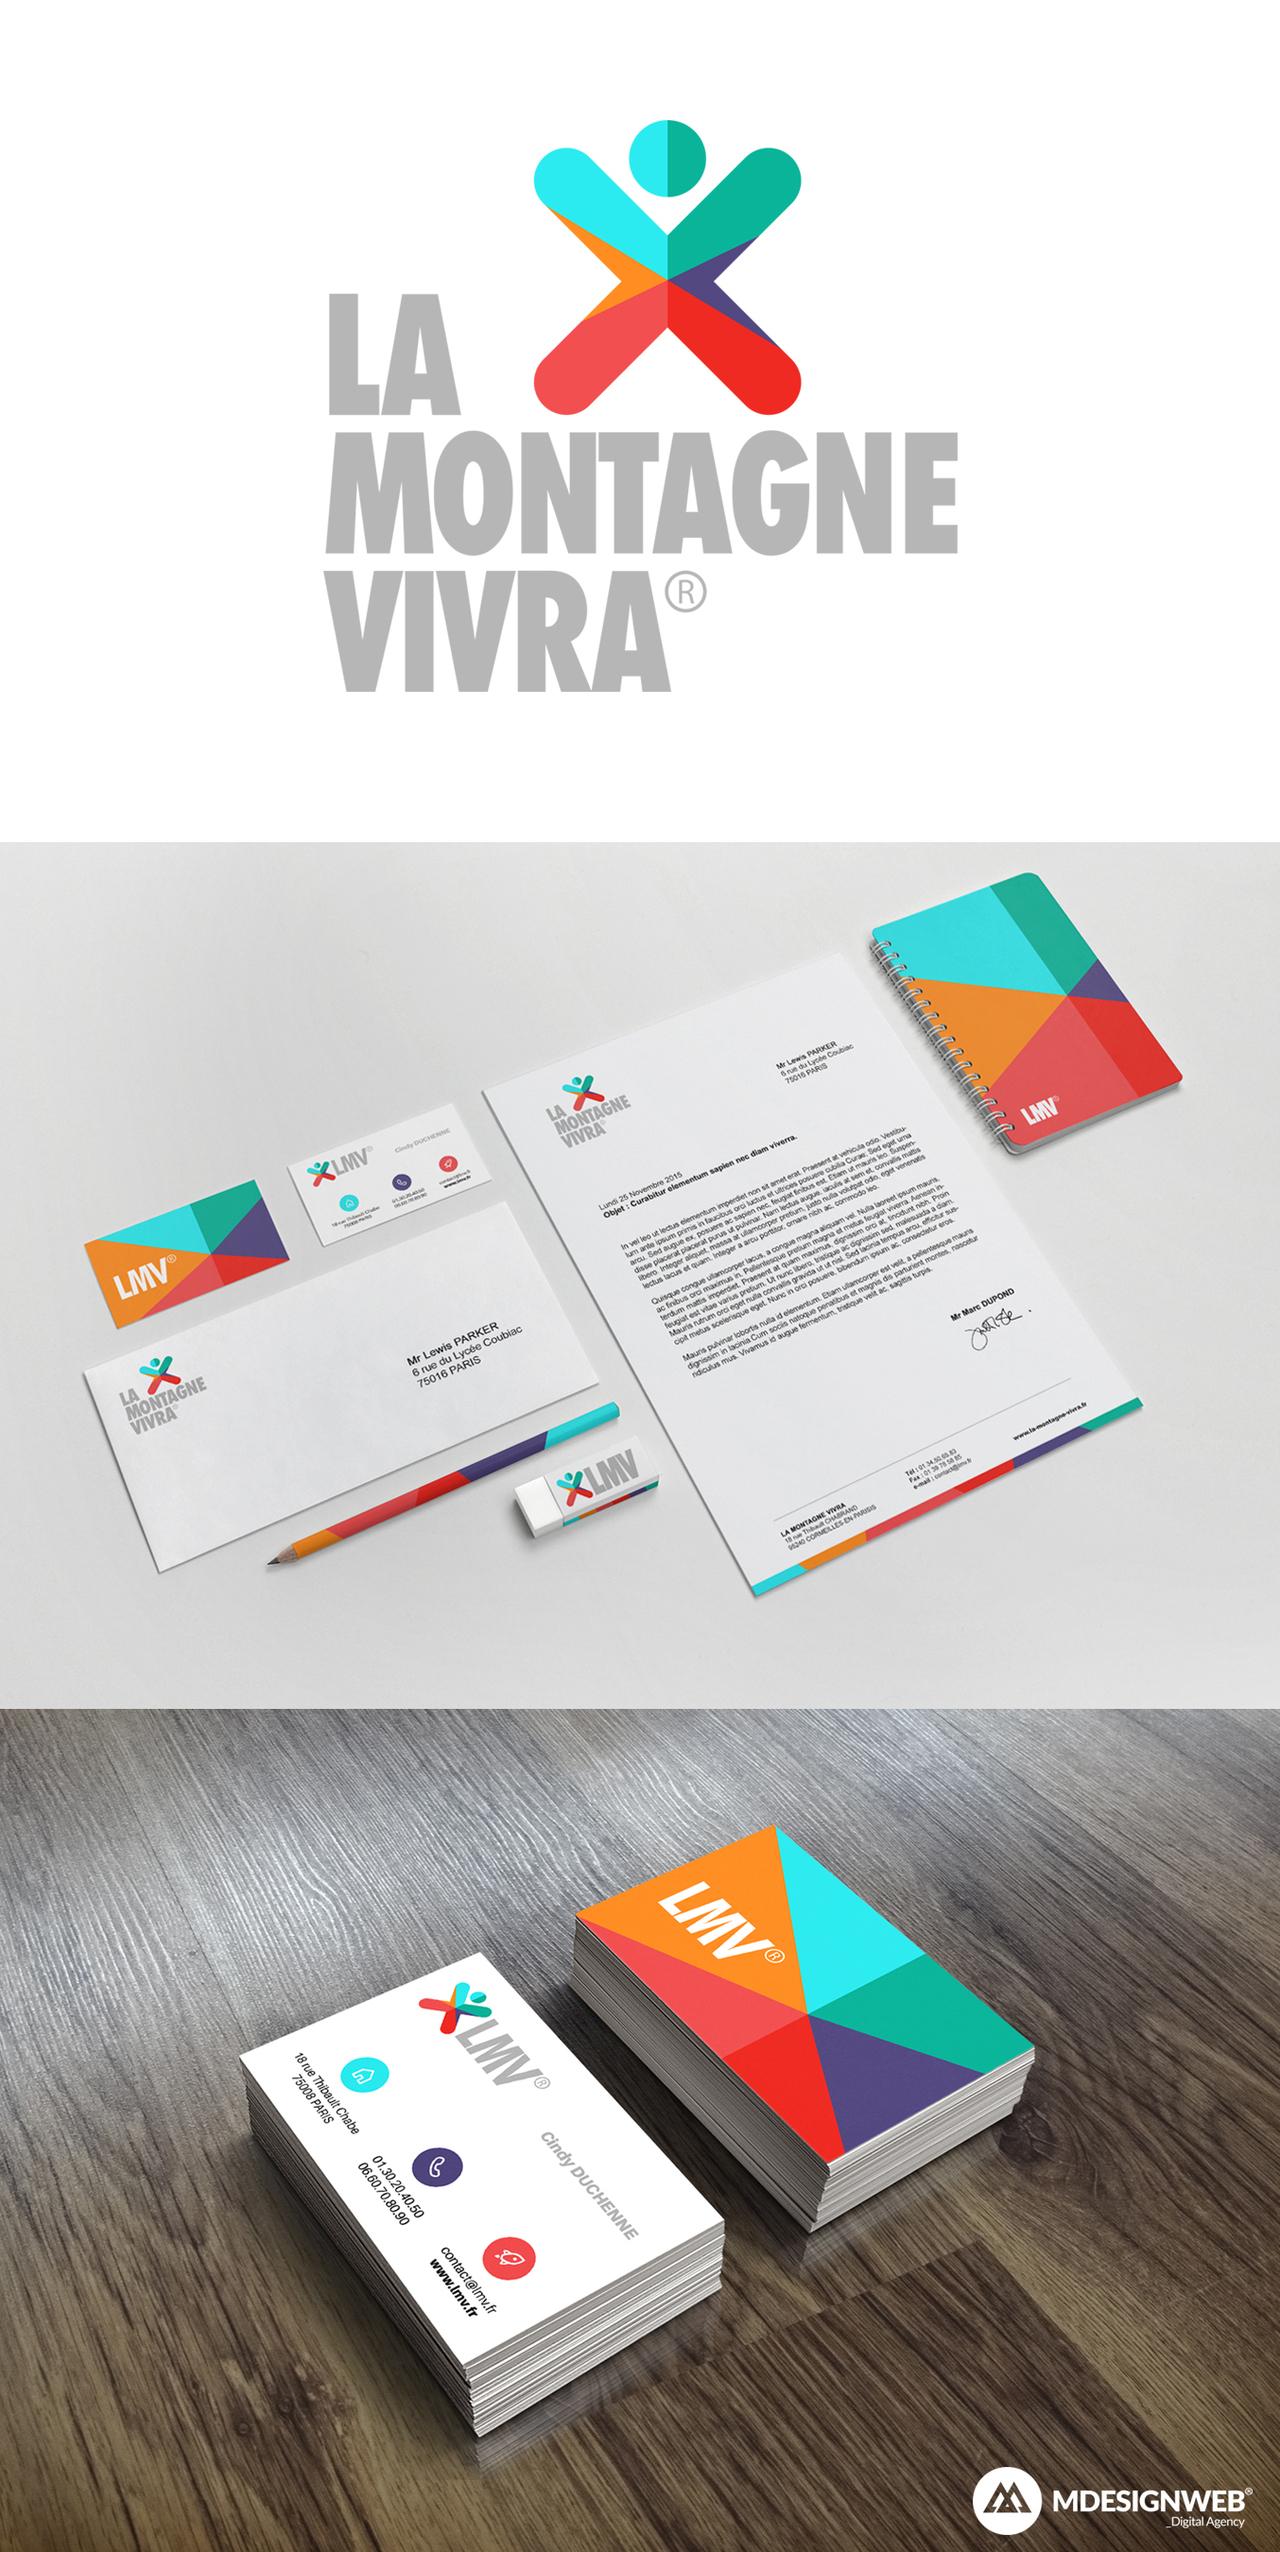 LMV - Charte Graphique & Réalisation de Logo